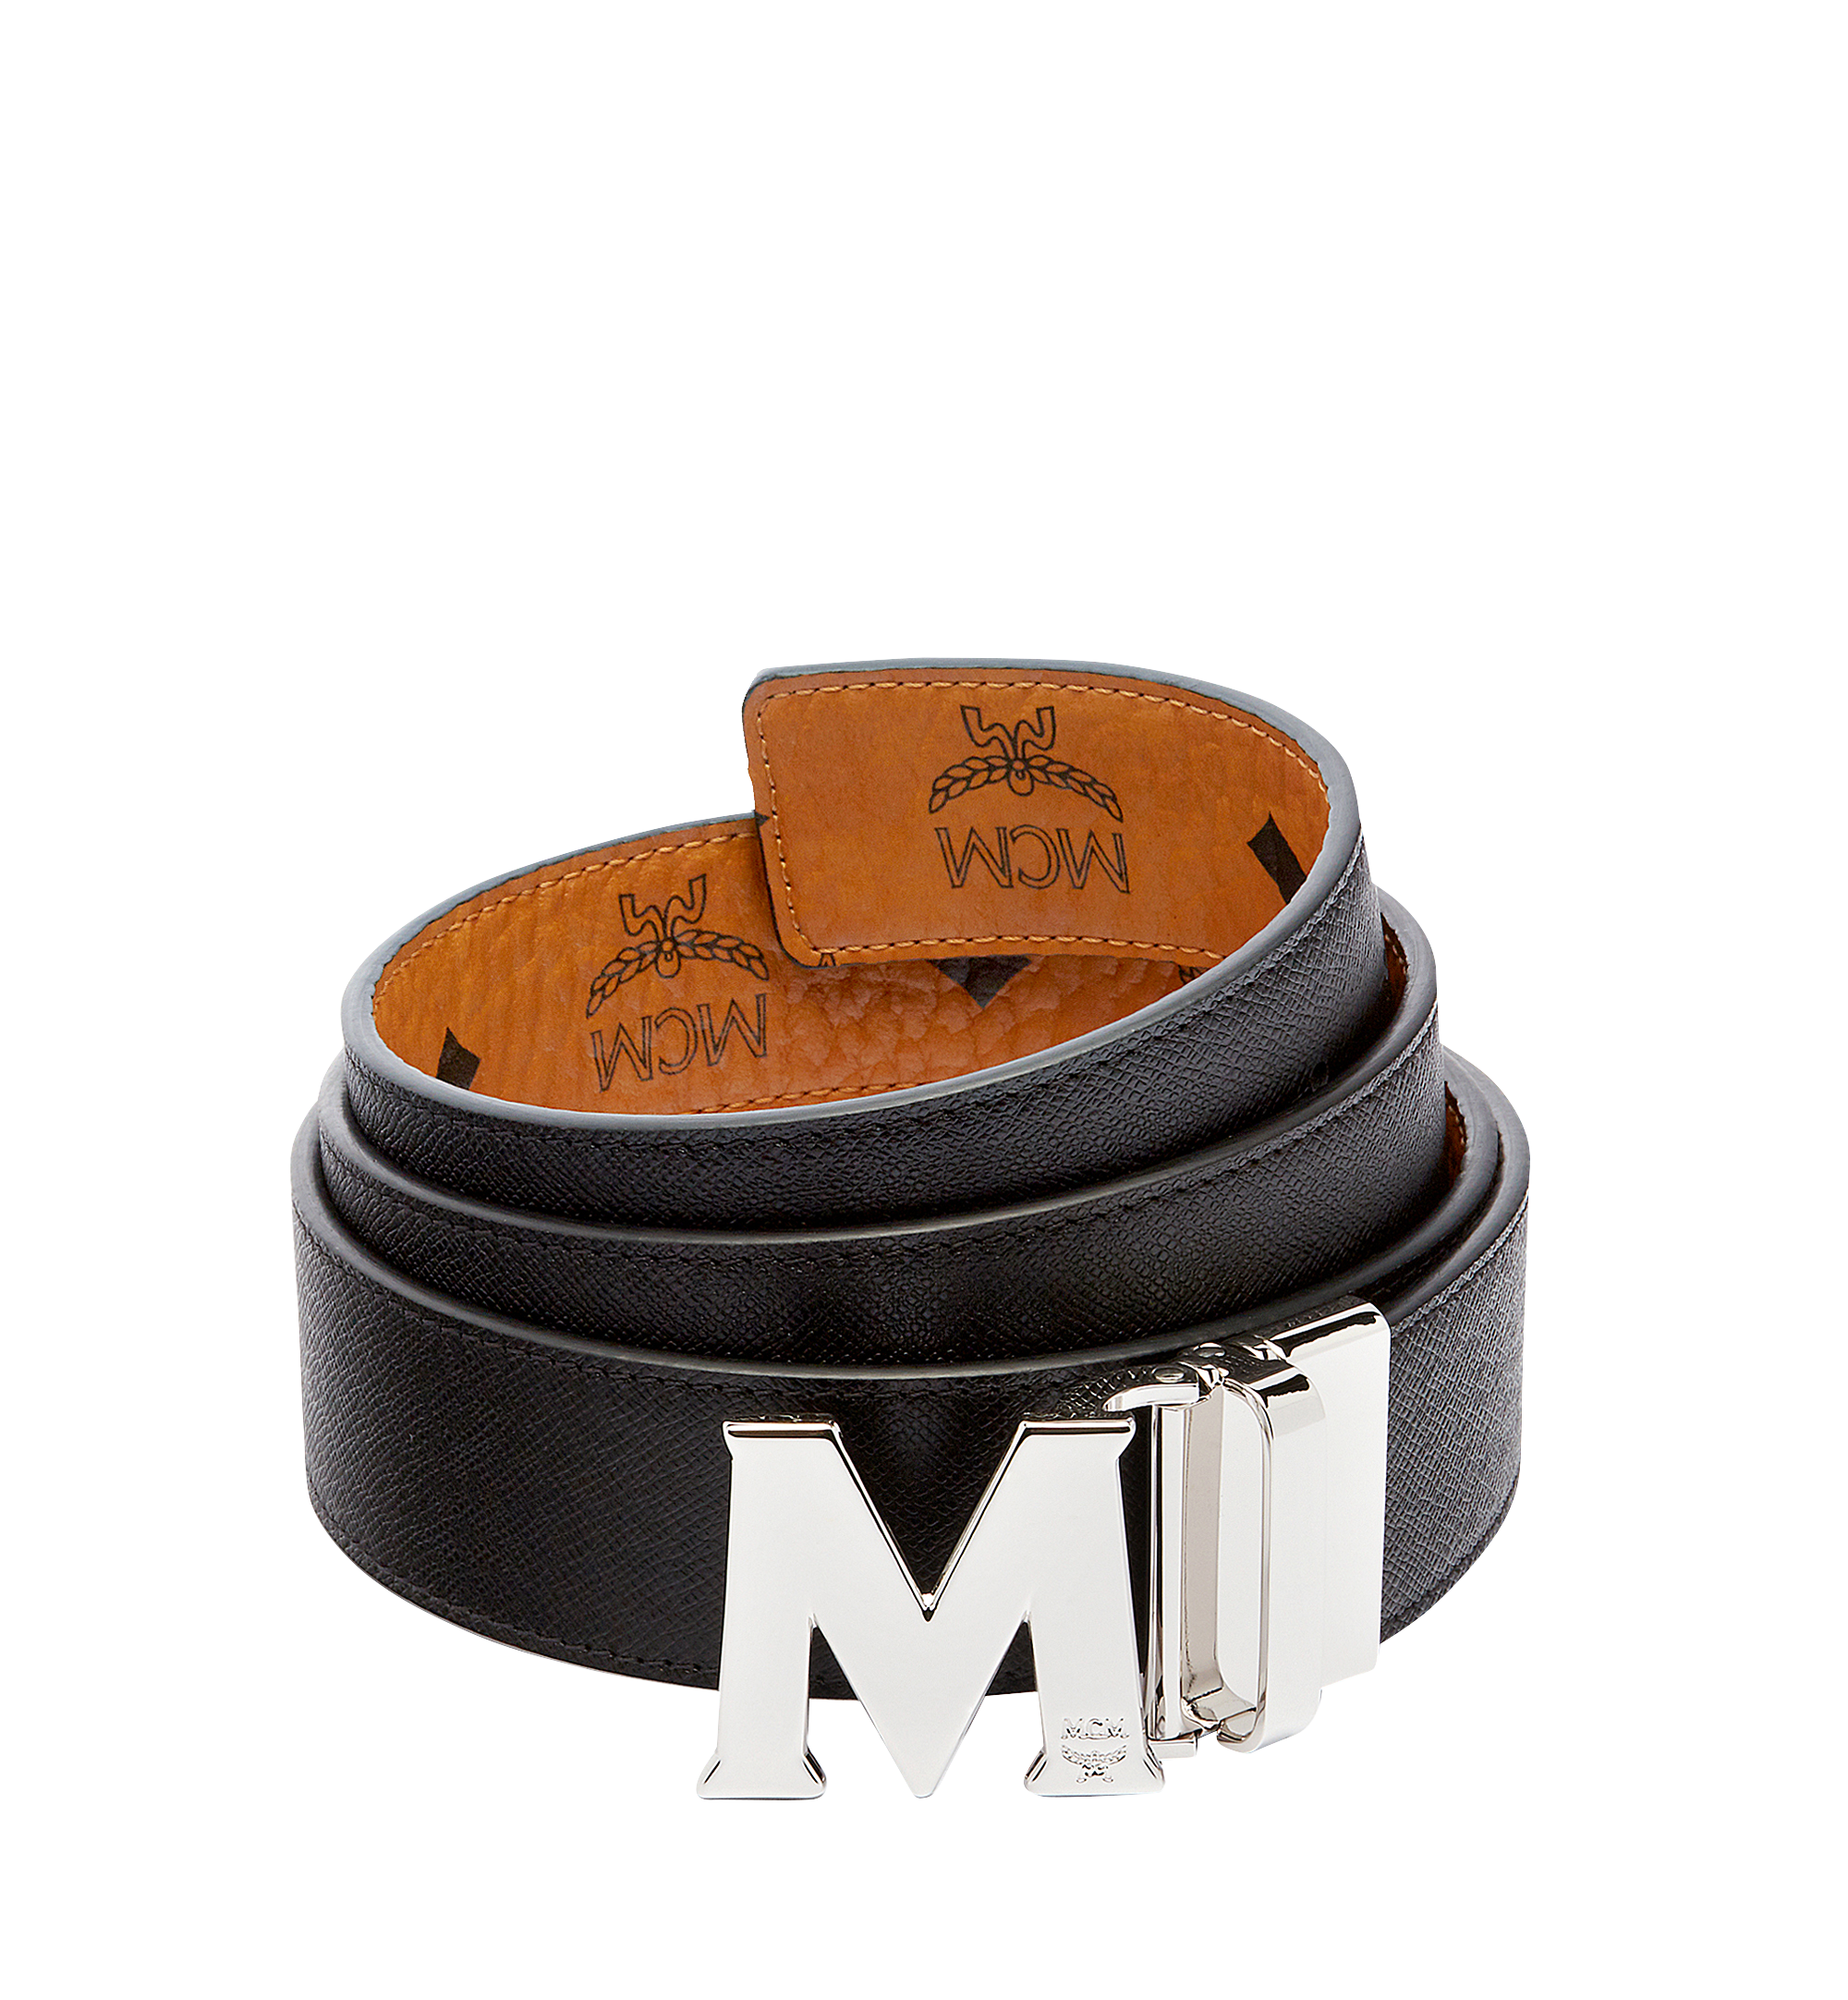 MCM Claus M Wendegürtel 3,8 cm in Visetos Cognac MXBAAVI02CO001 Noch mehr sehen 1